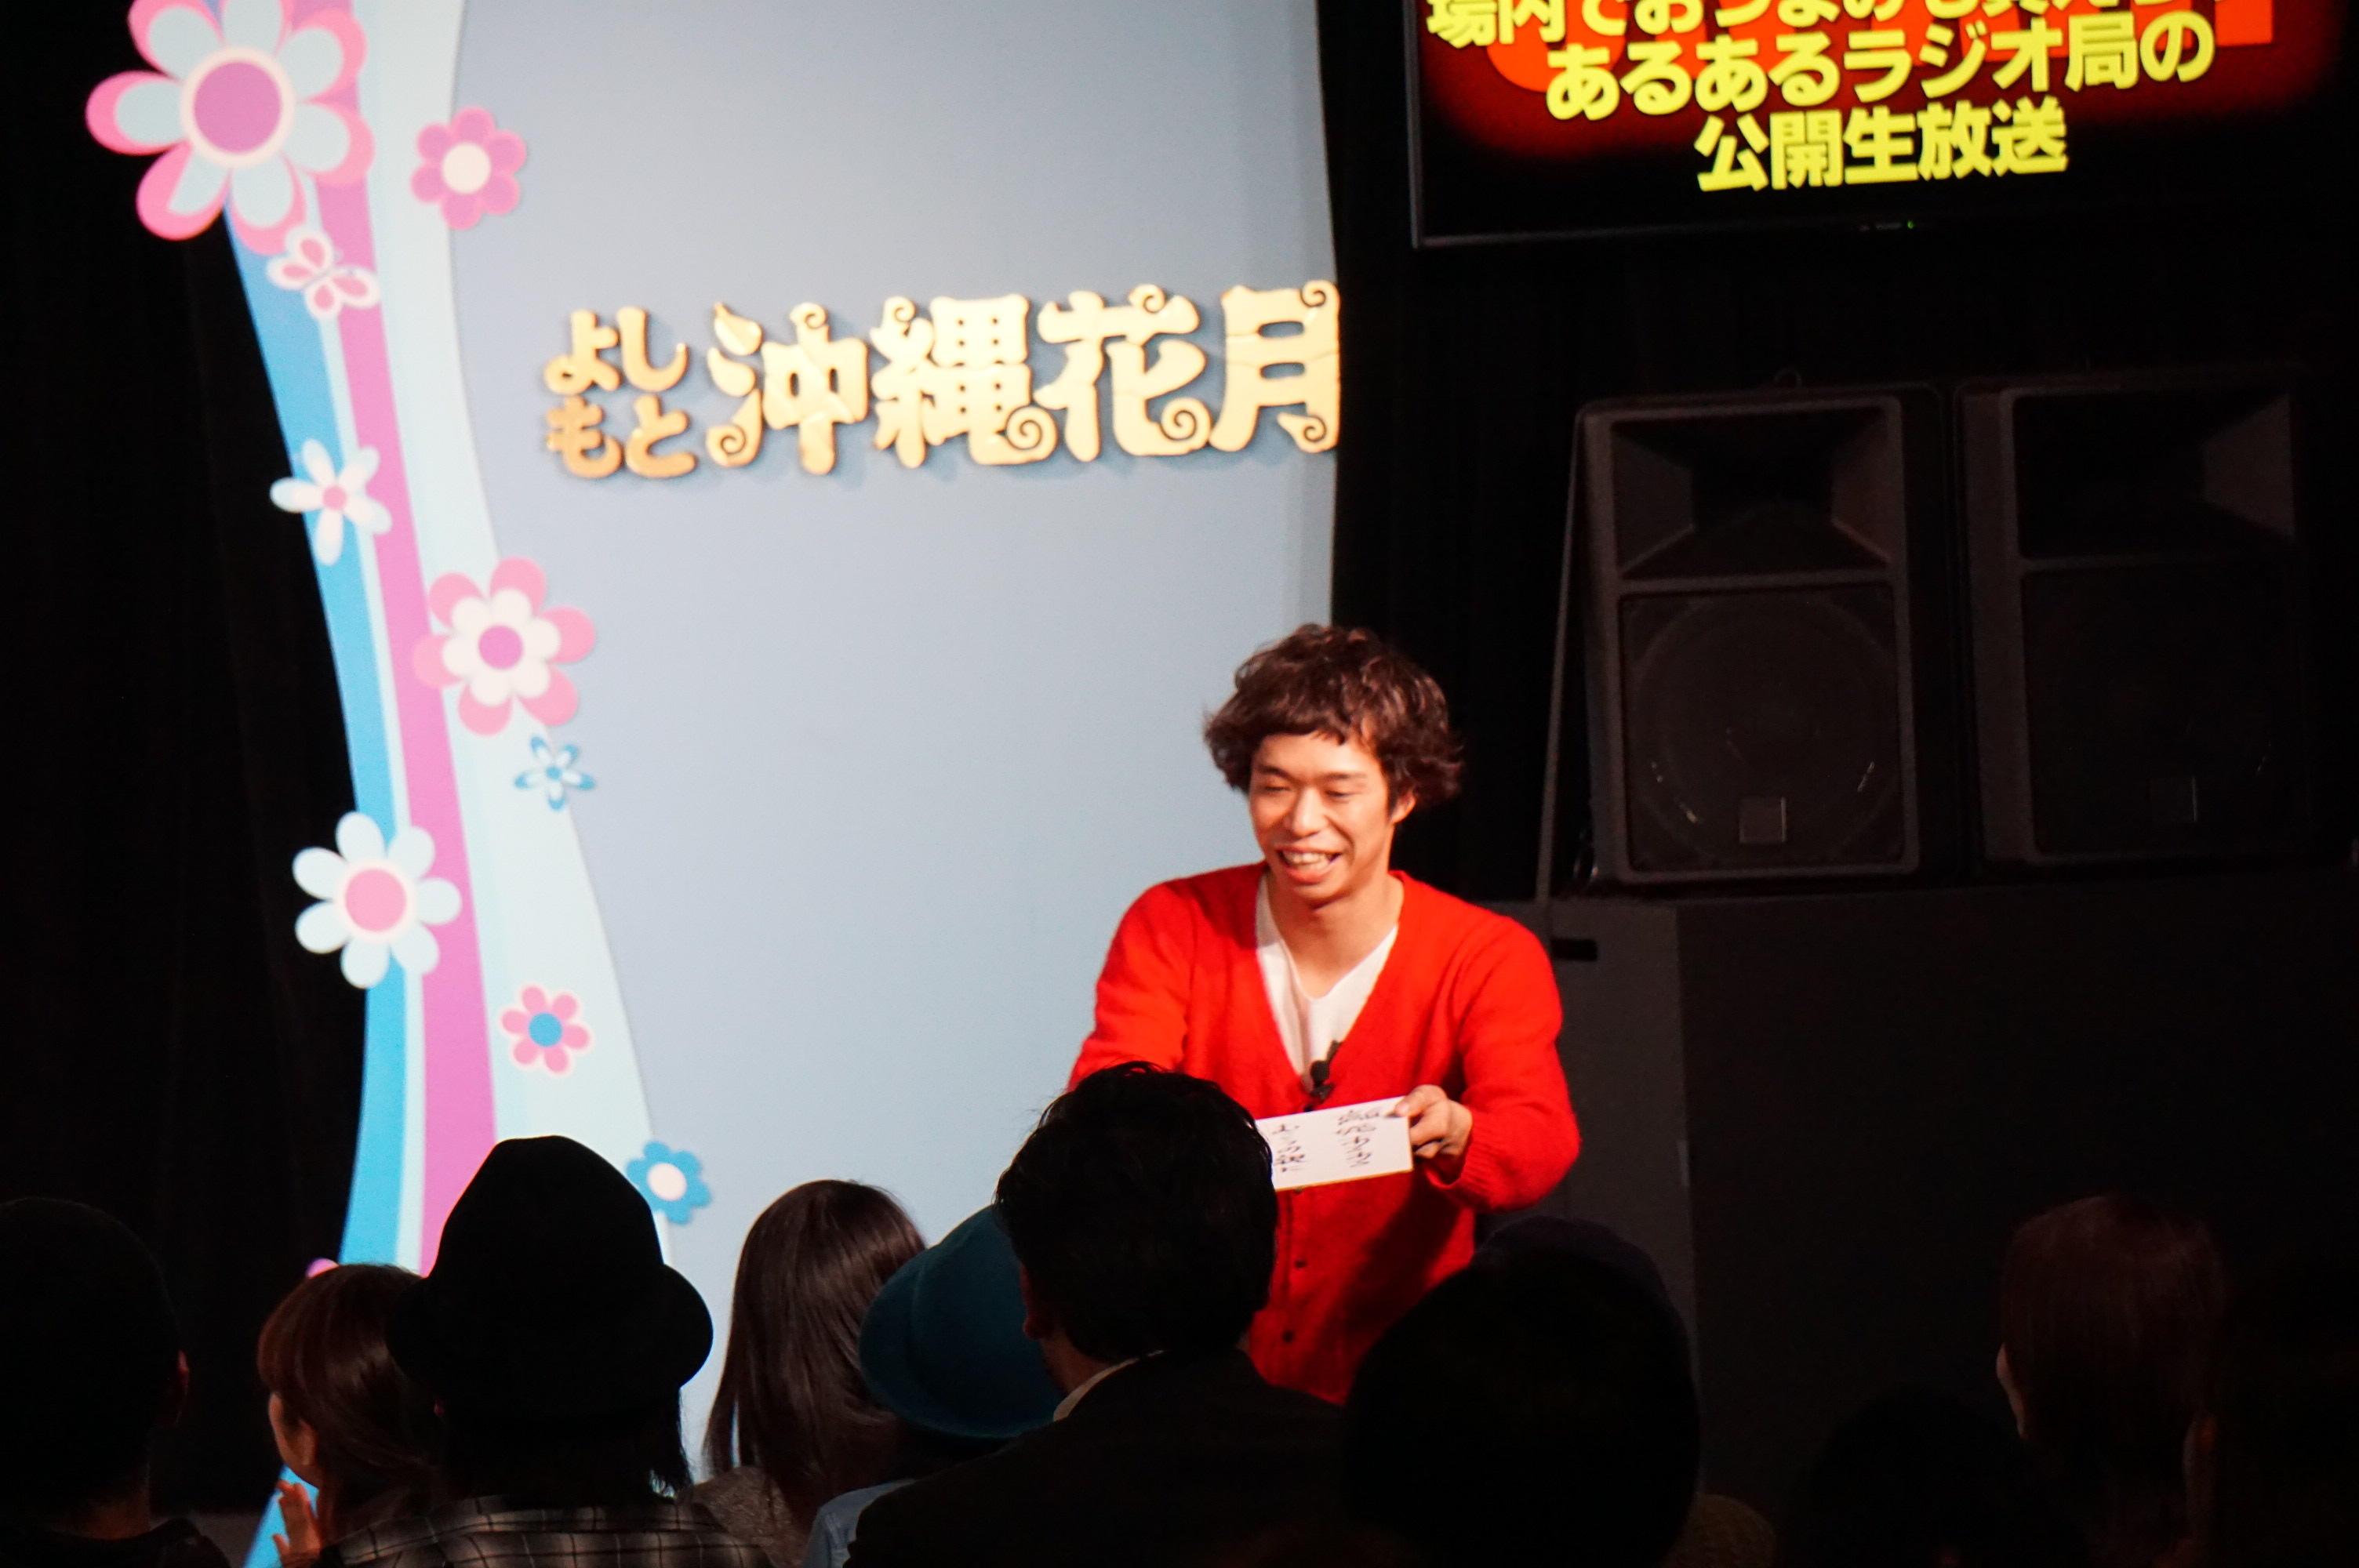 http://news.yoshimoto.co.jp/20160301165840-a2887ed01fa39716135e20e6b7a16ee11f343a61.jpg